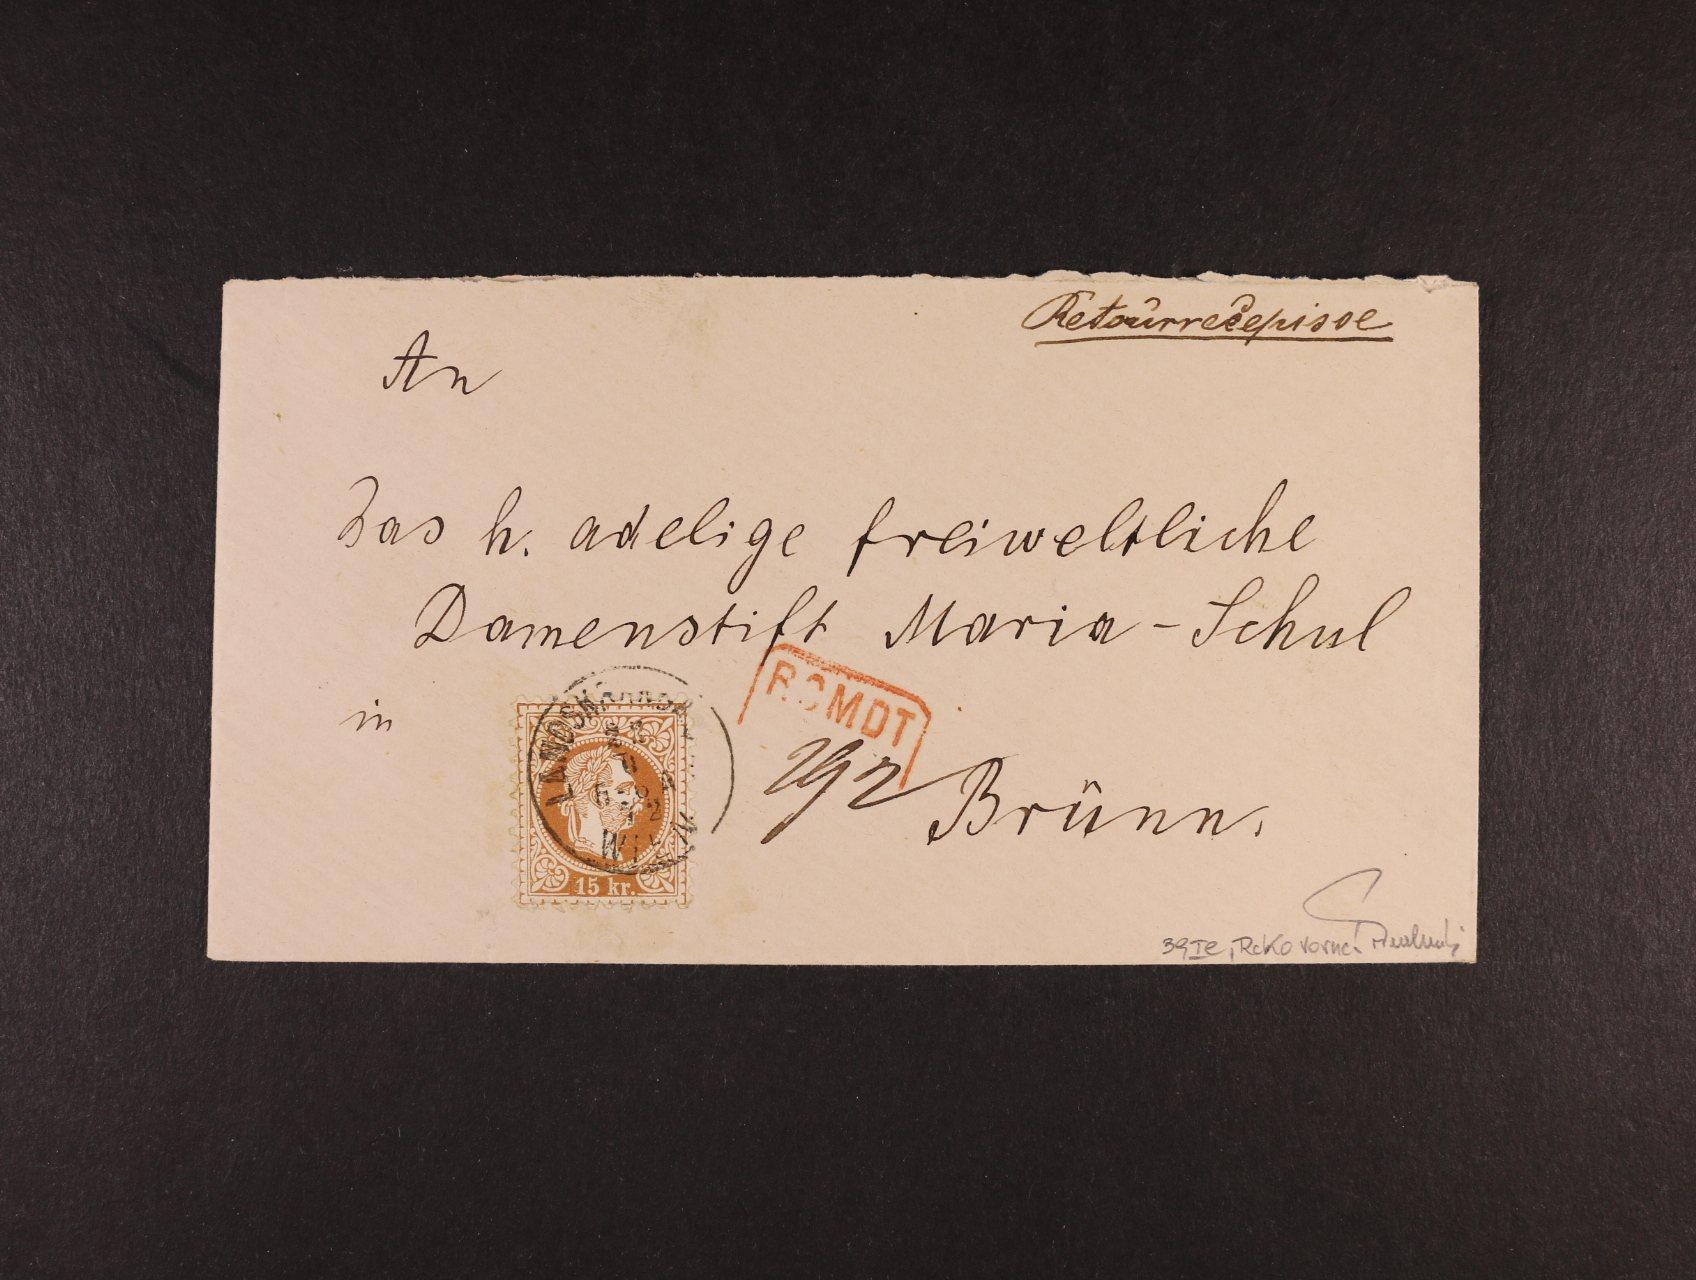 R-dopis malého formátu do Brna z r. 1872, frank. zn. Fe. č. 39 Ic, pod. raz. LANDSKRONGASSE WIEN 23.6.72, červené rámeč. raz. RCMDT, přích. raz., zk. Ferchenbauer